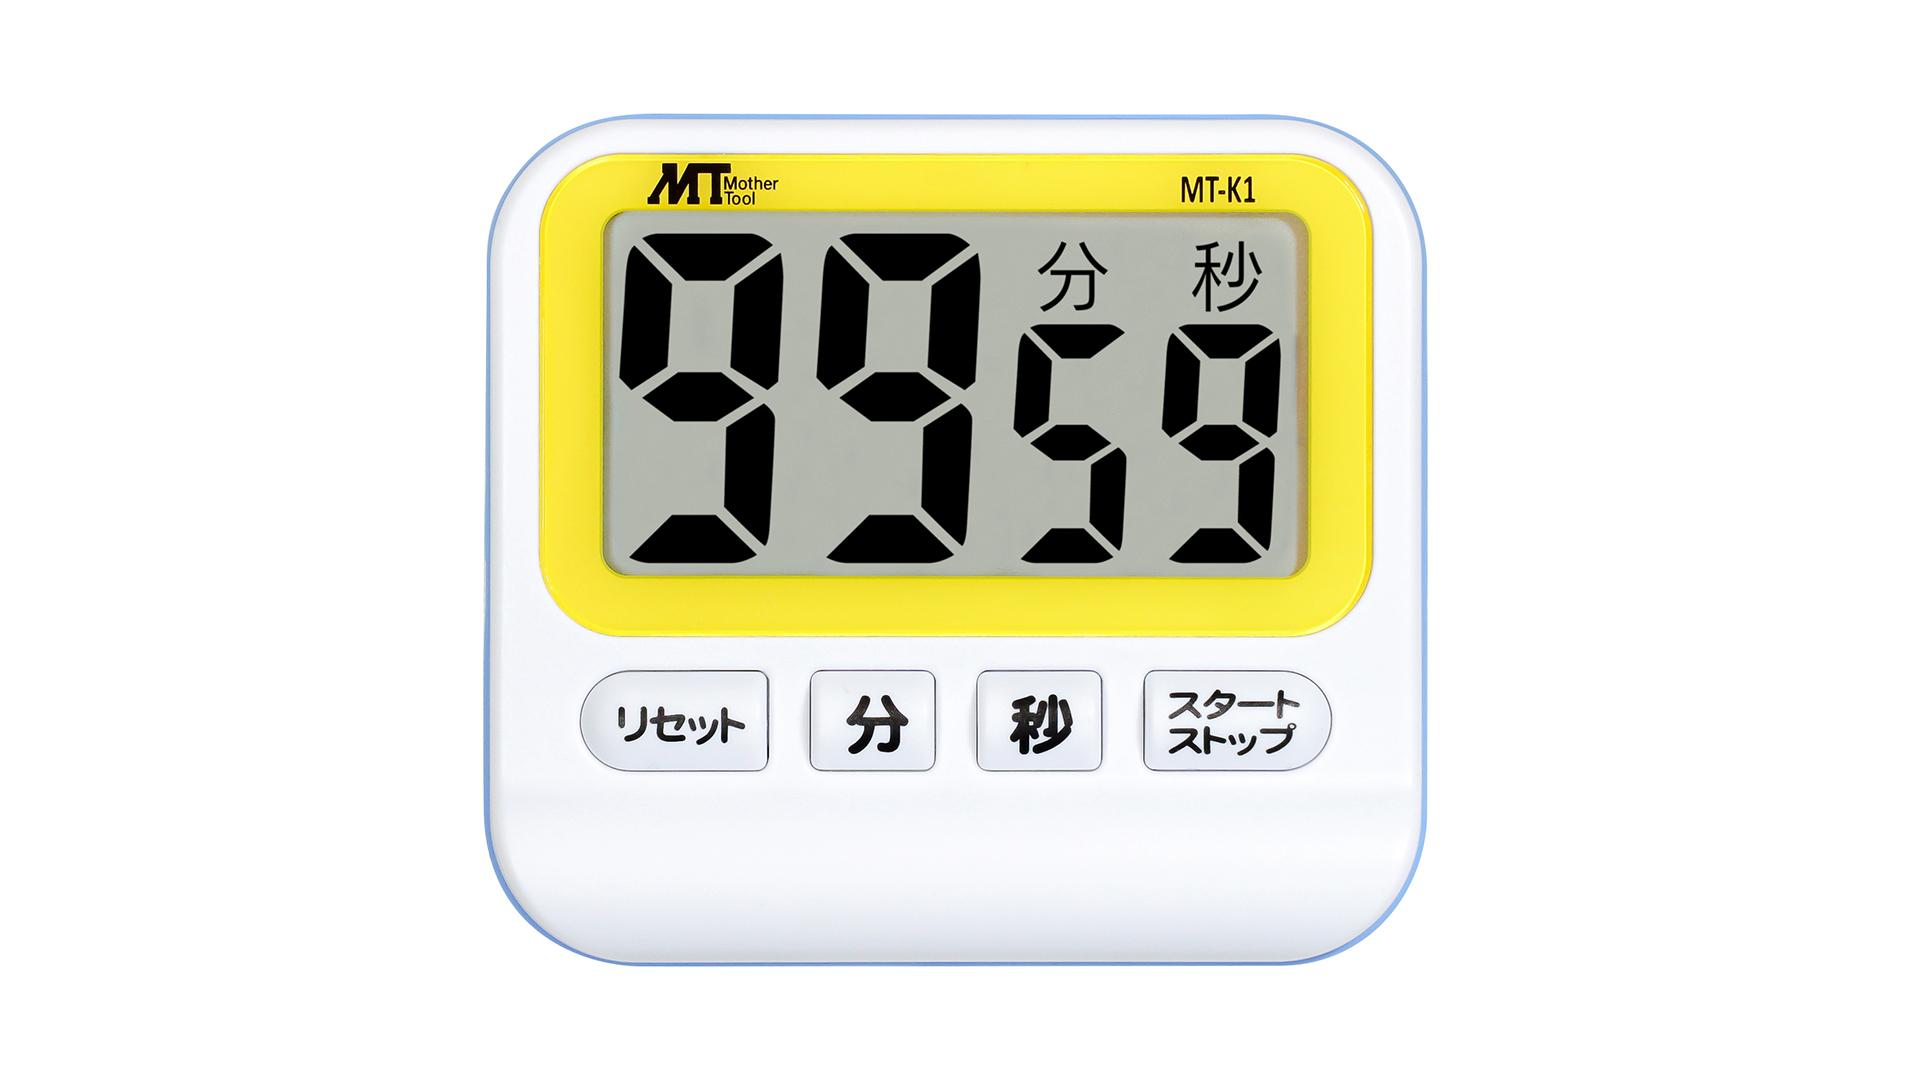 MT-K1